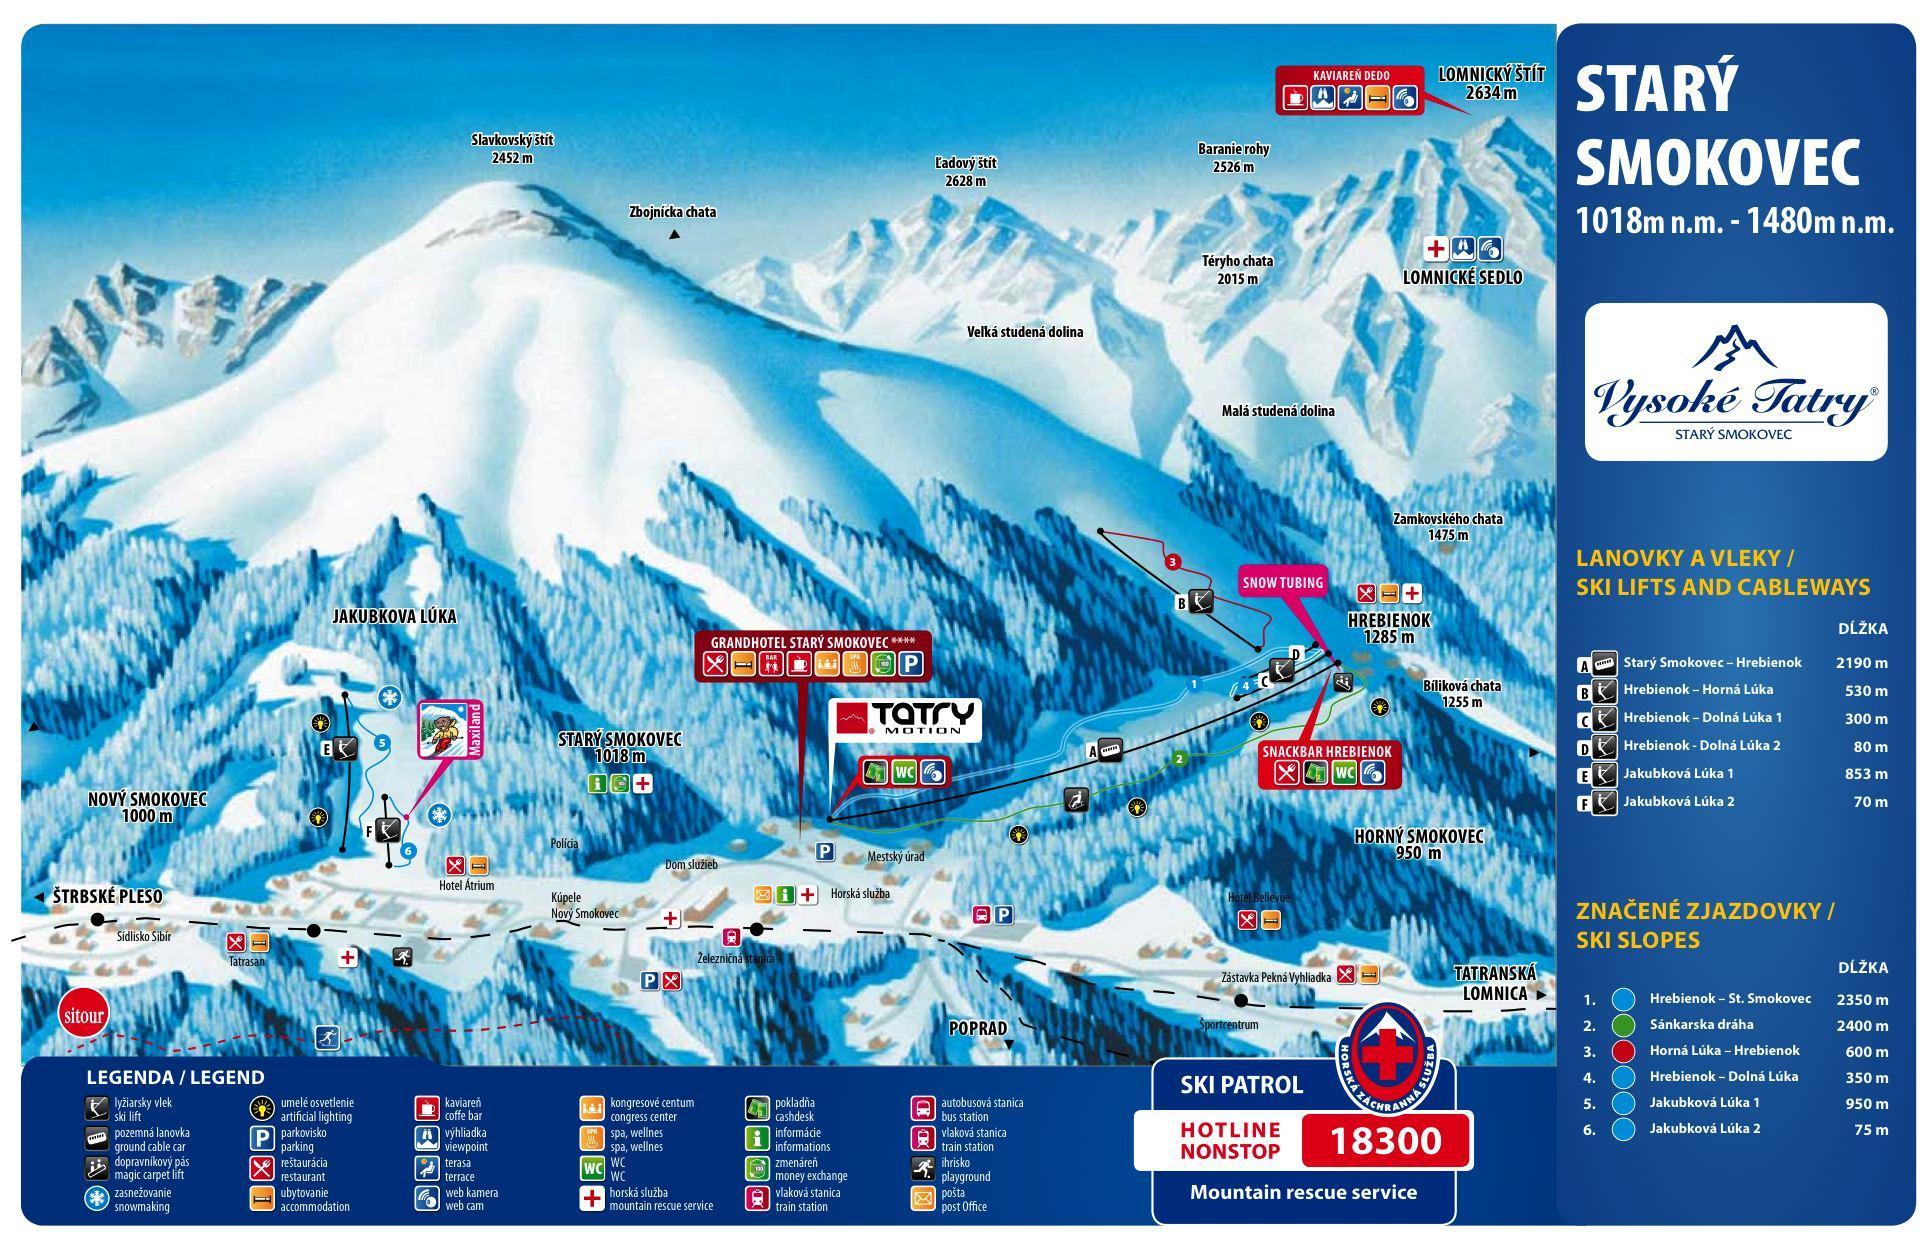 mapa-smokovec-2011